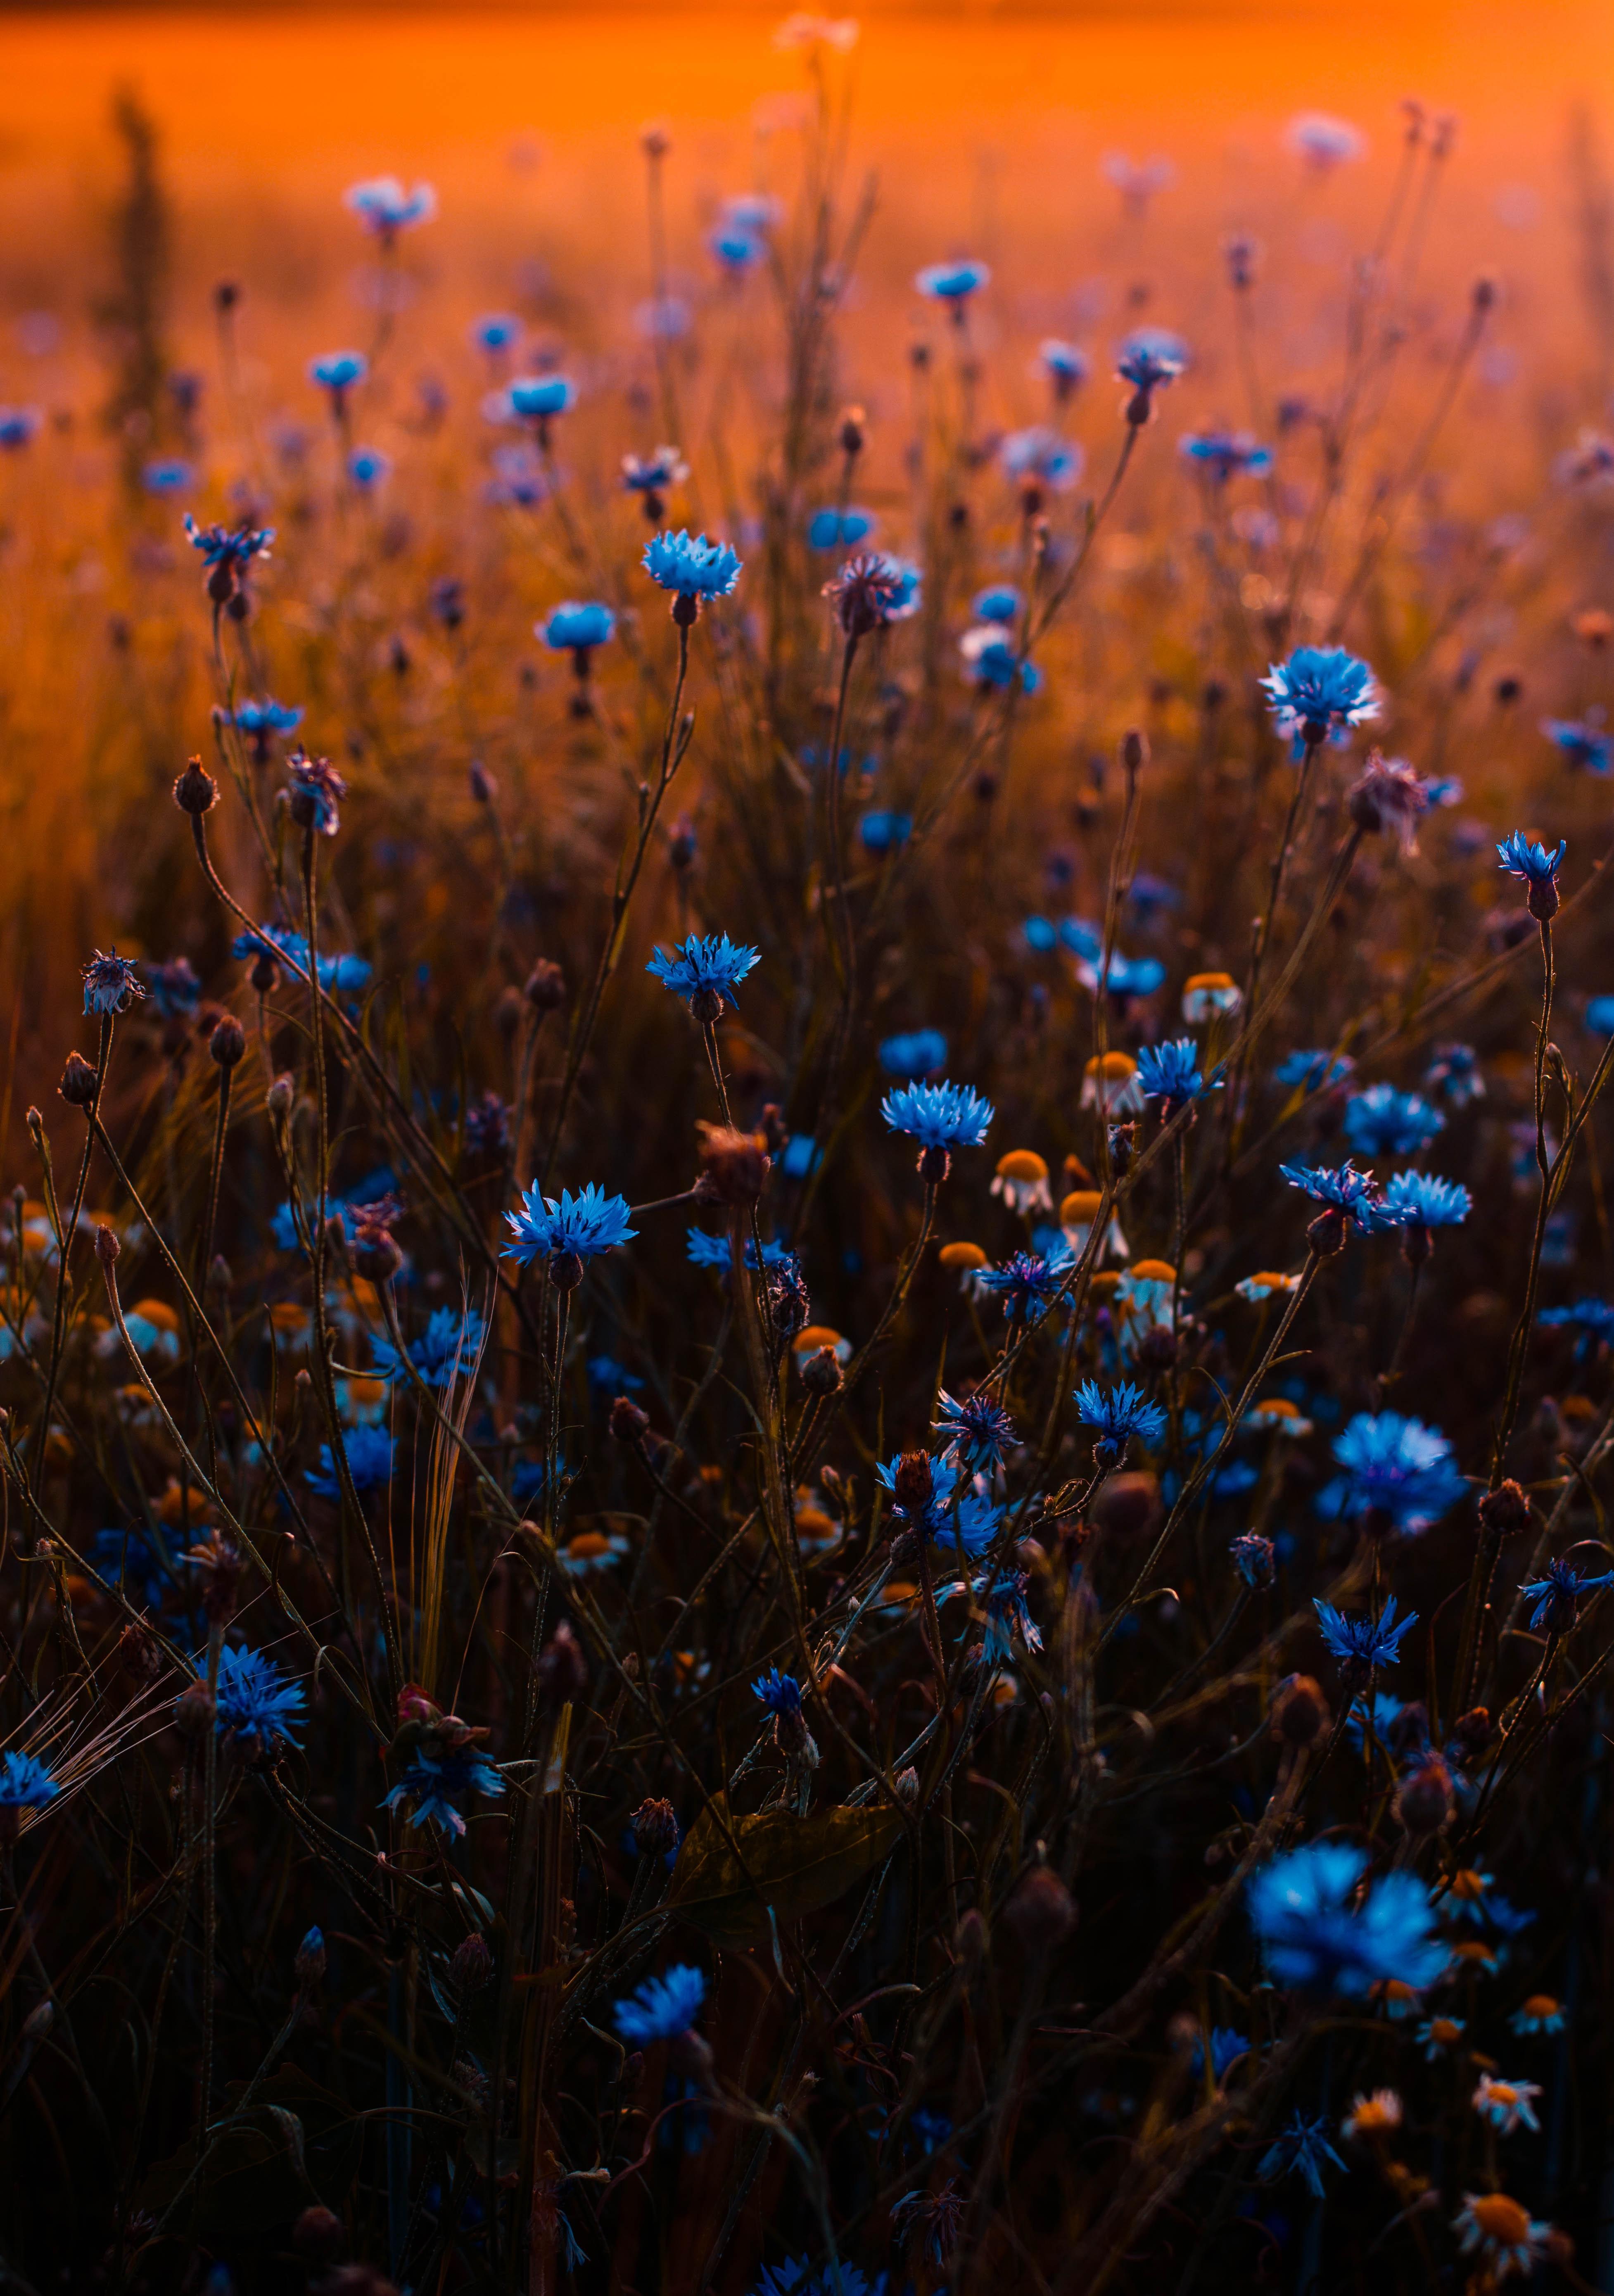 Tilt shift lens photo of blue flowers